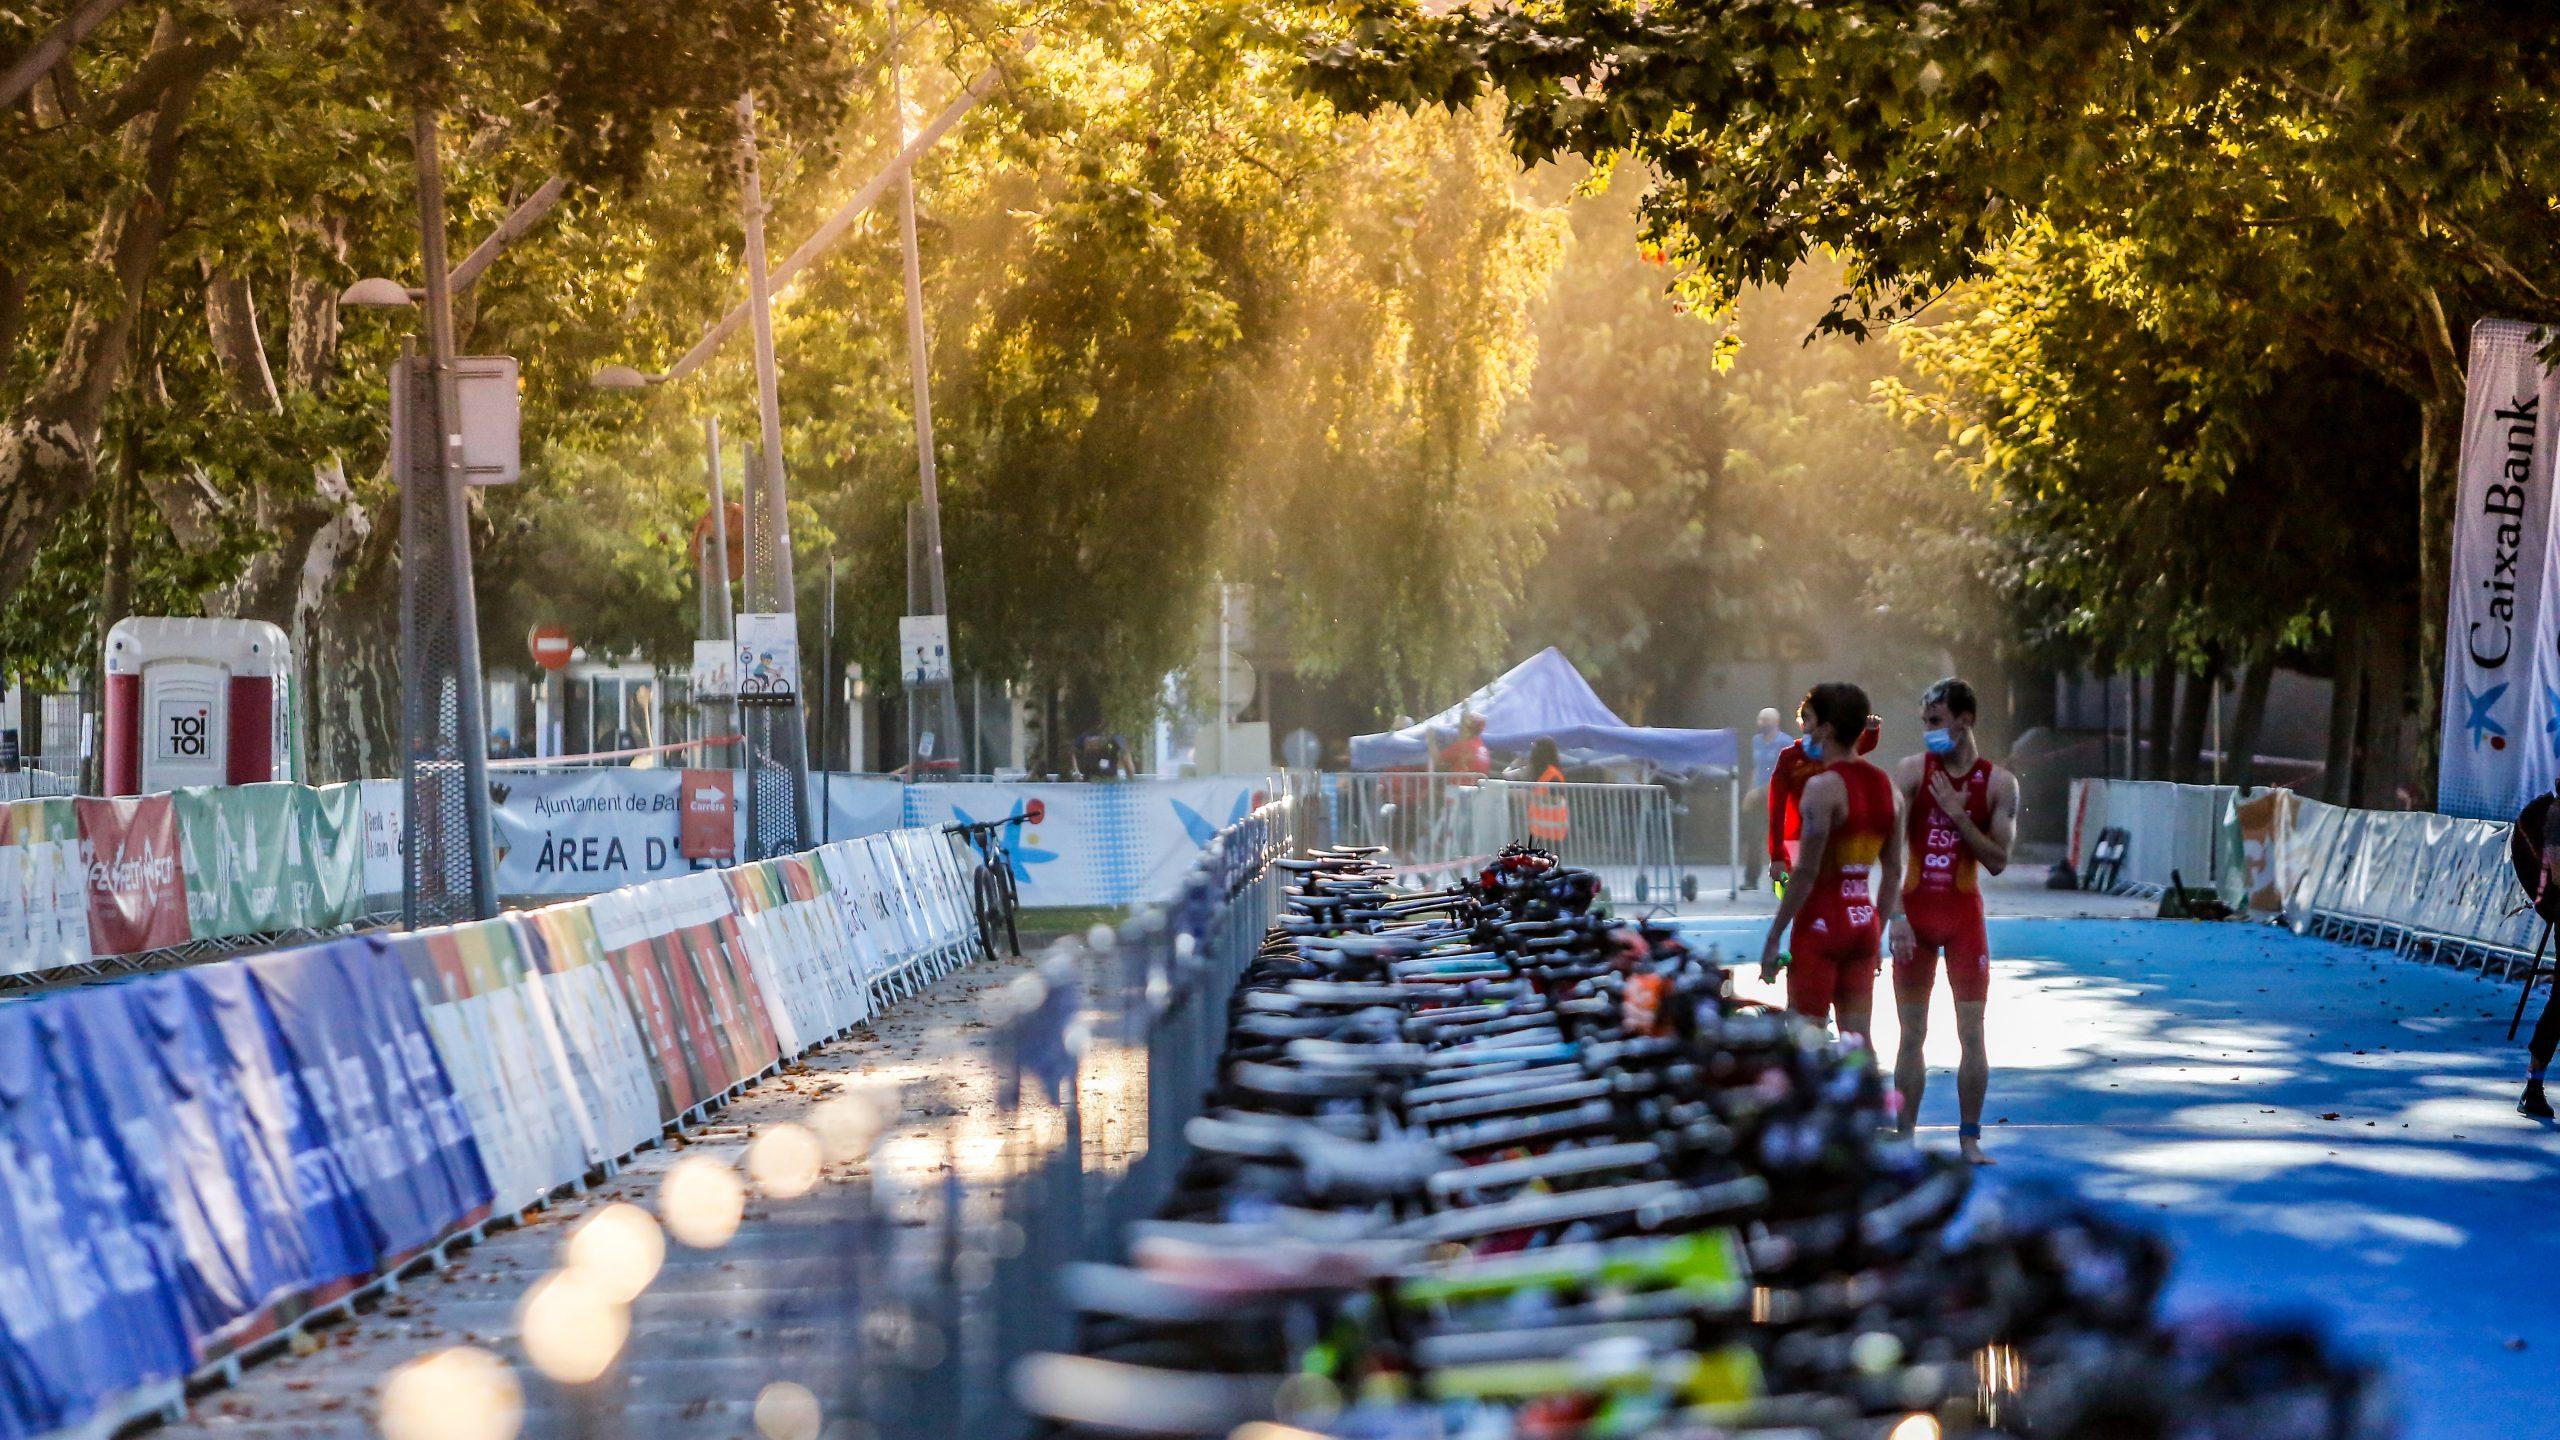 La Comisión Delegada de la Federación Española de Triatlón aprueba las fechas y sedes de nueve campeonatos de España de Duatlón y Triatlón en el calendario 2022